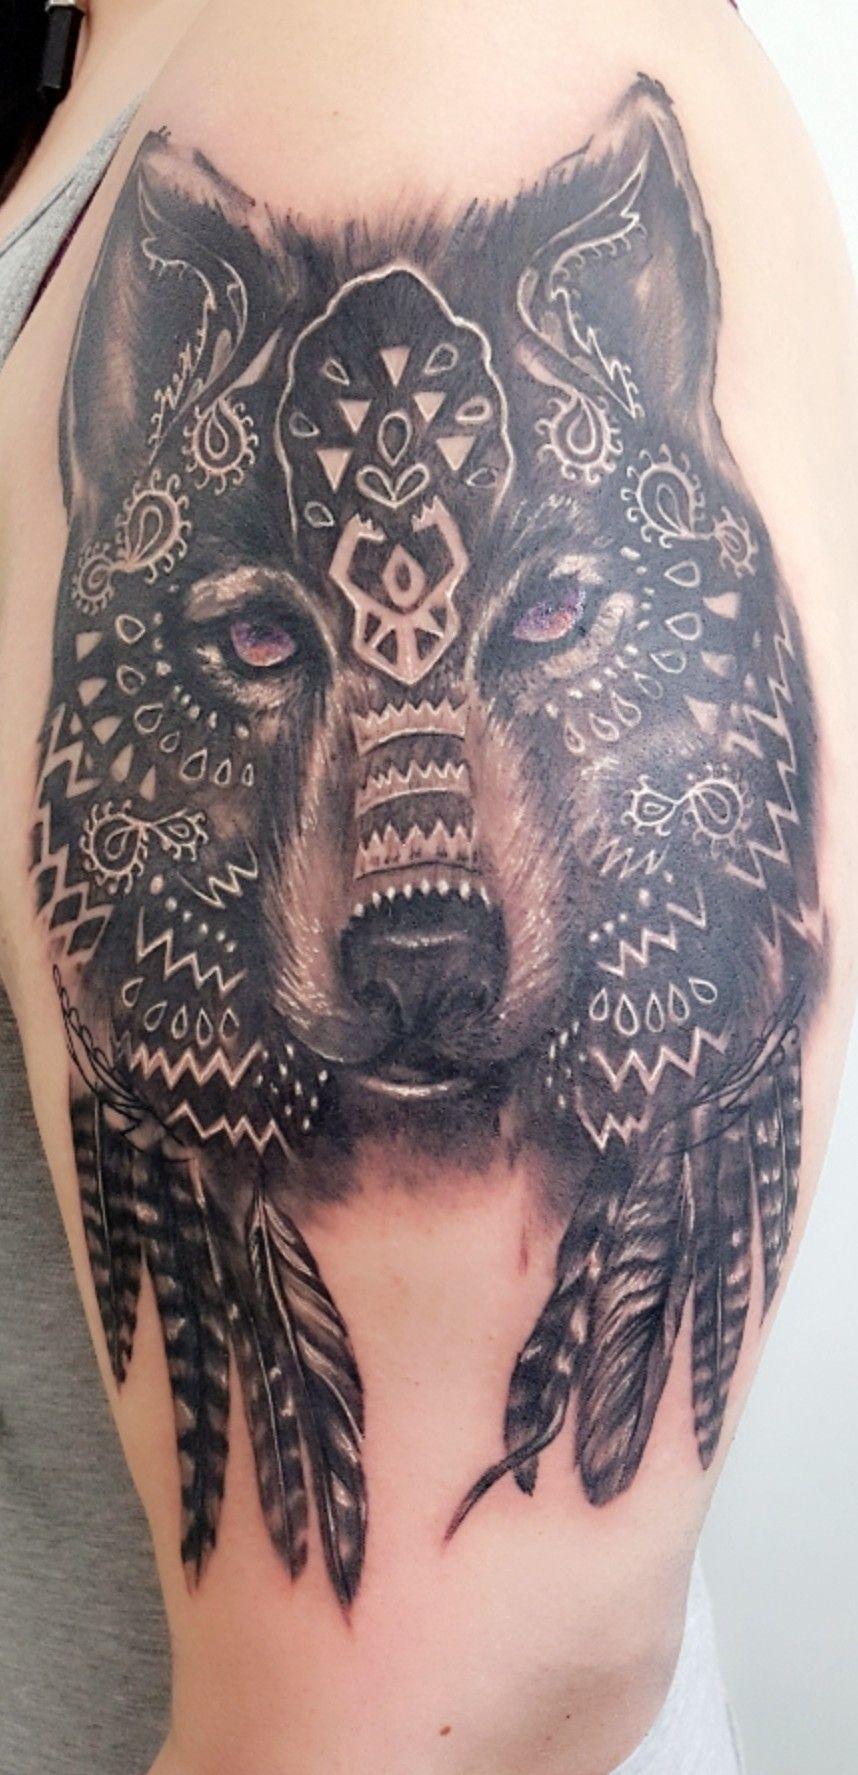 My first tattoo my tattoos pinterest tattoo